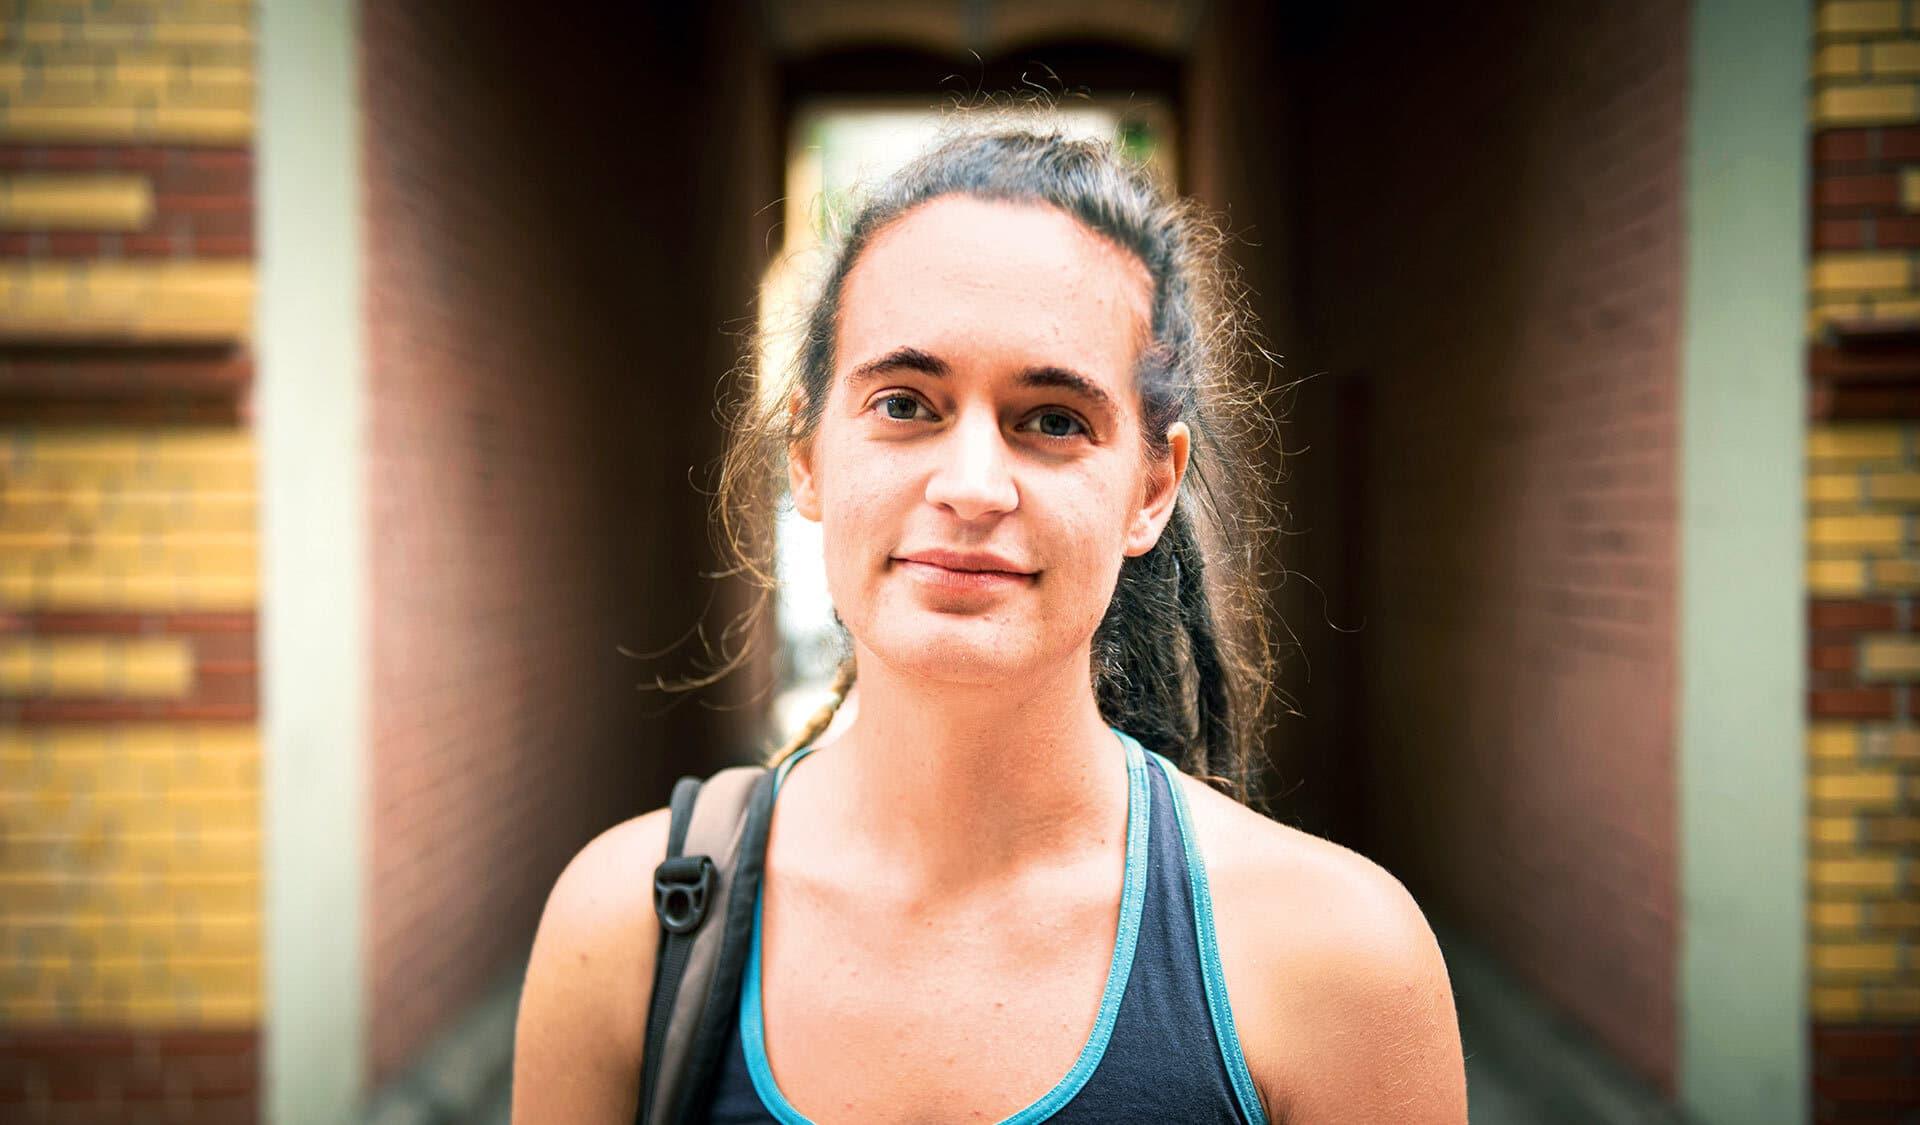 Carola Rackete schaut in die Kamera. Im Hintergrund Häuser mit Durchgang zu Hinterhöfen